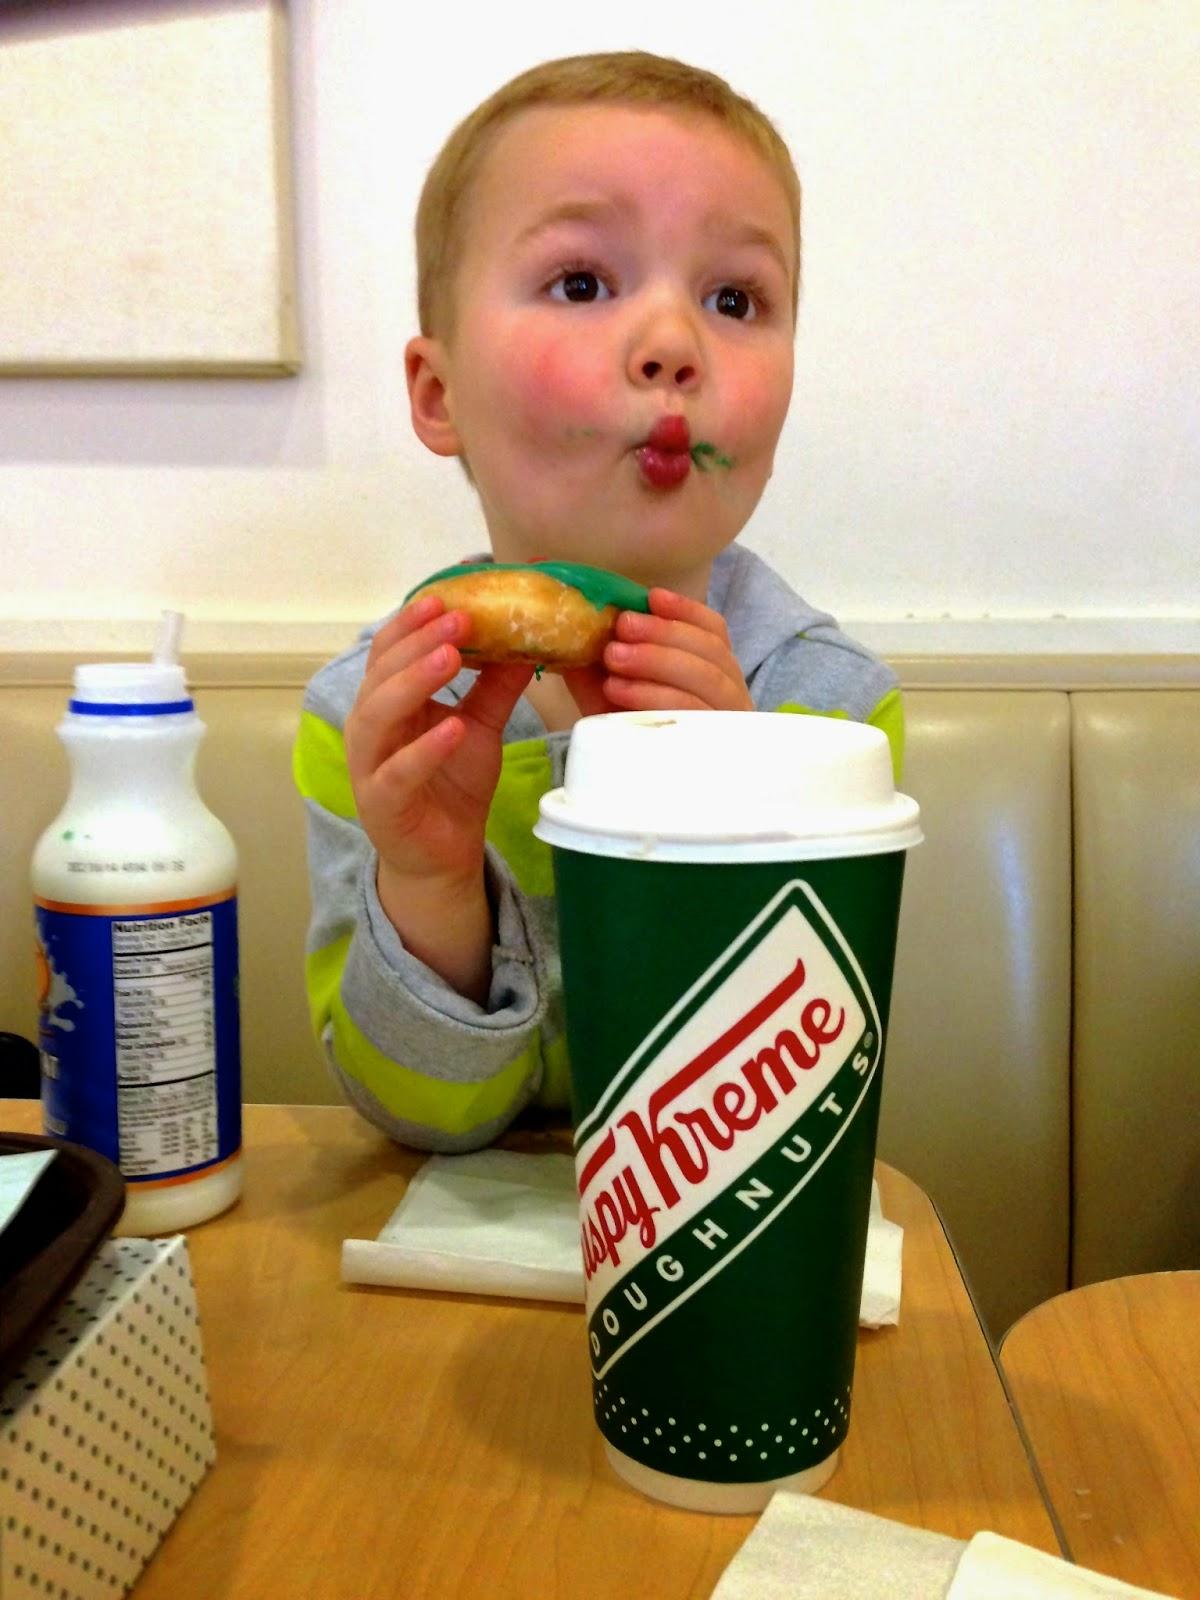 A visit to Krispy Kreme